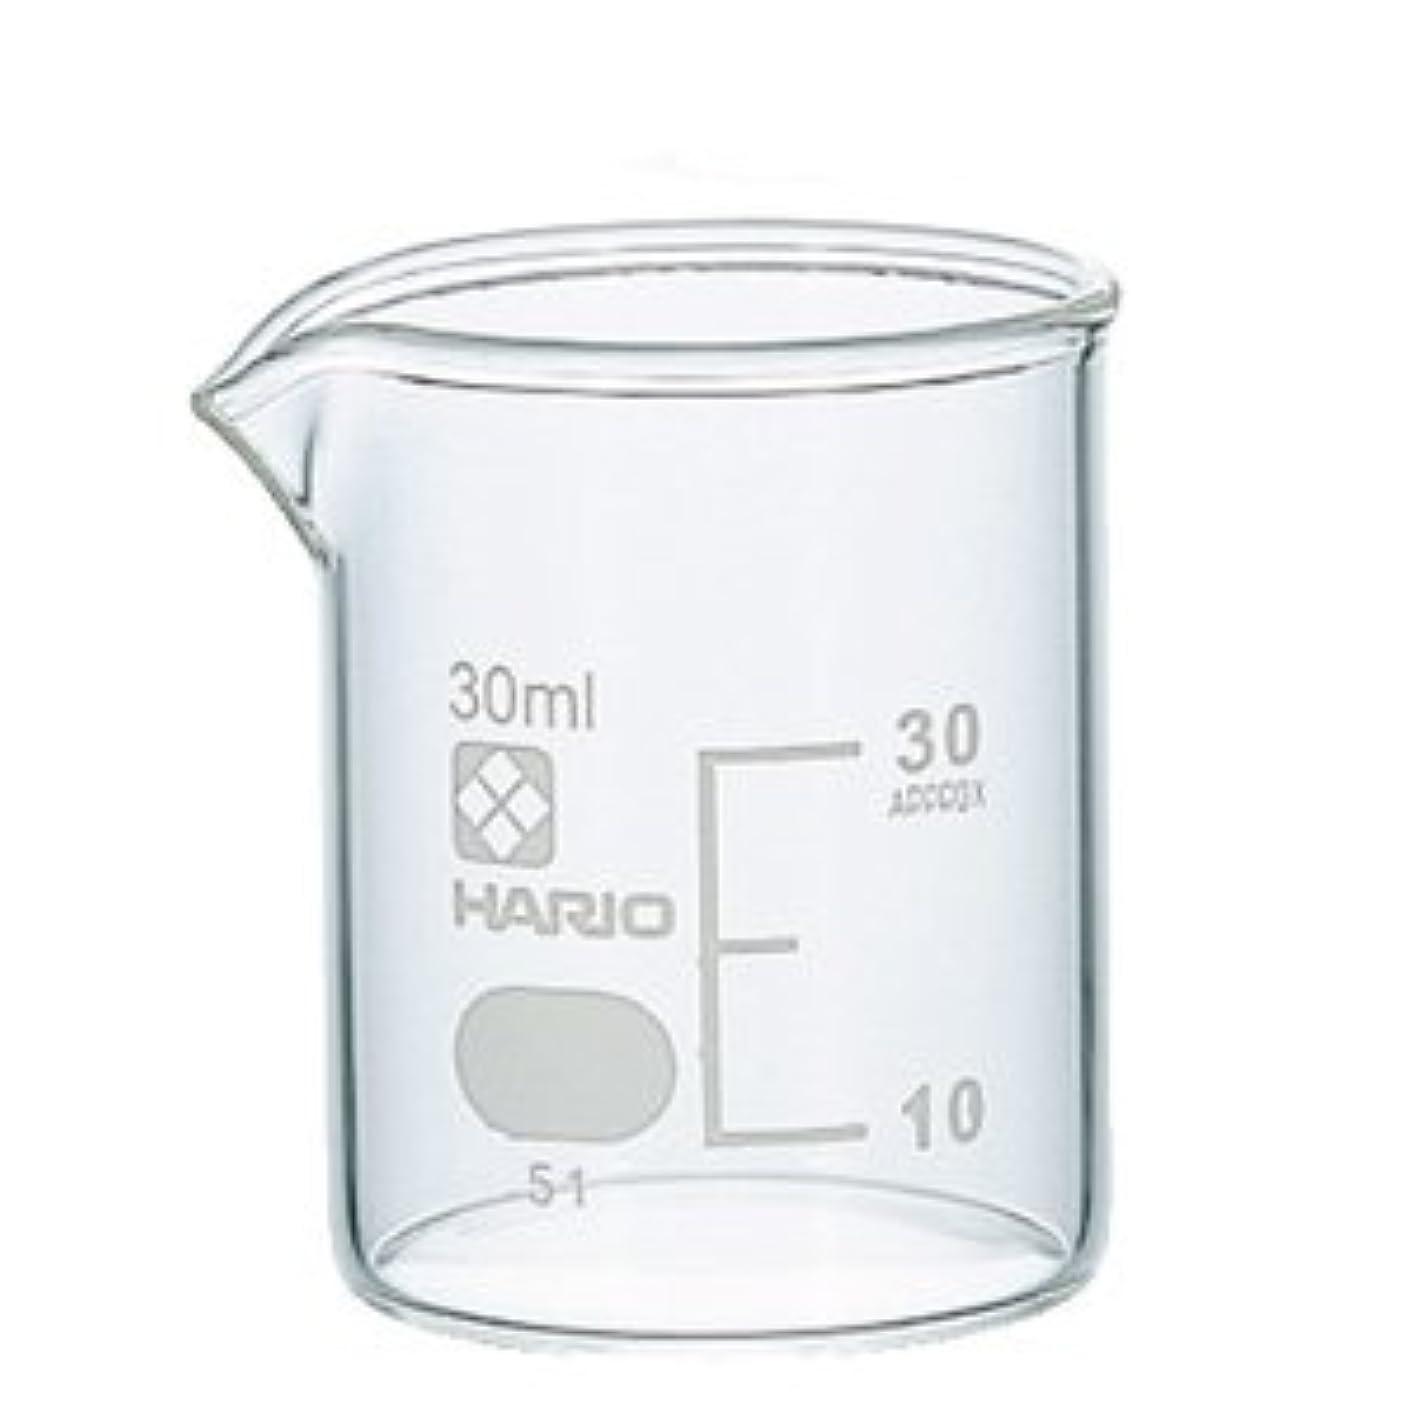 パンモール変換ガラスビーカー 30ml 【手作り石鹸/手作りコスメ/手作り化粧品】